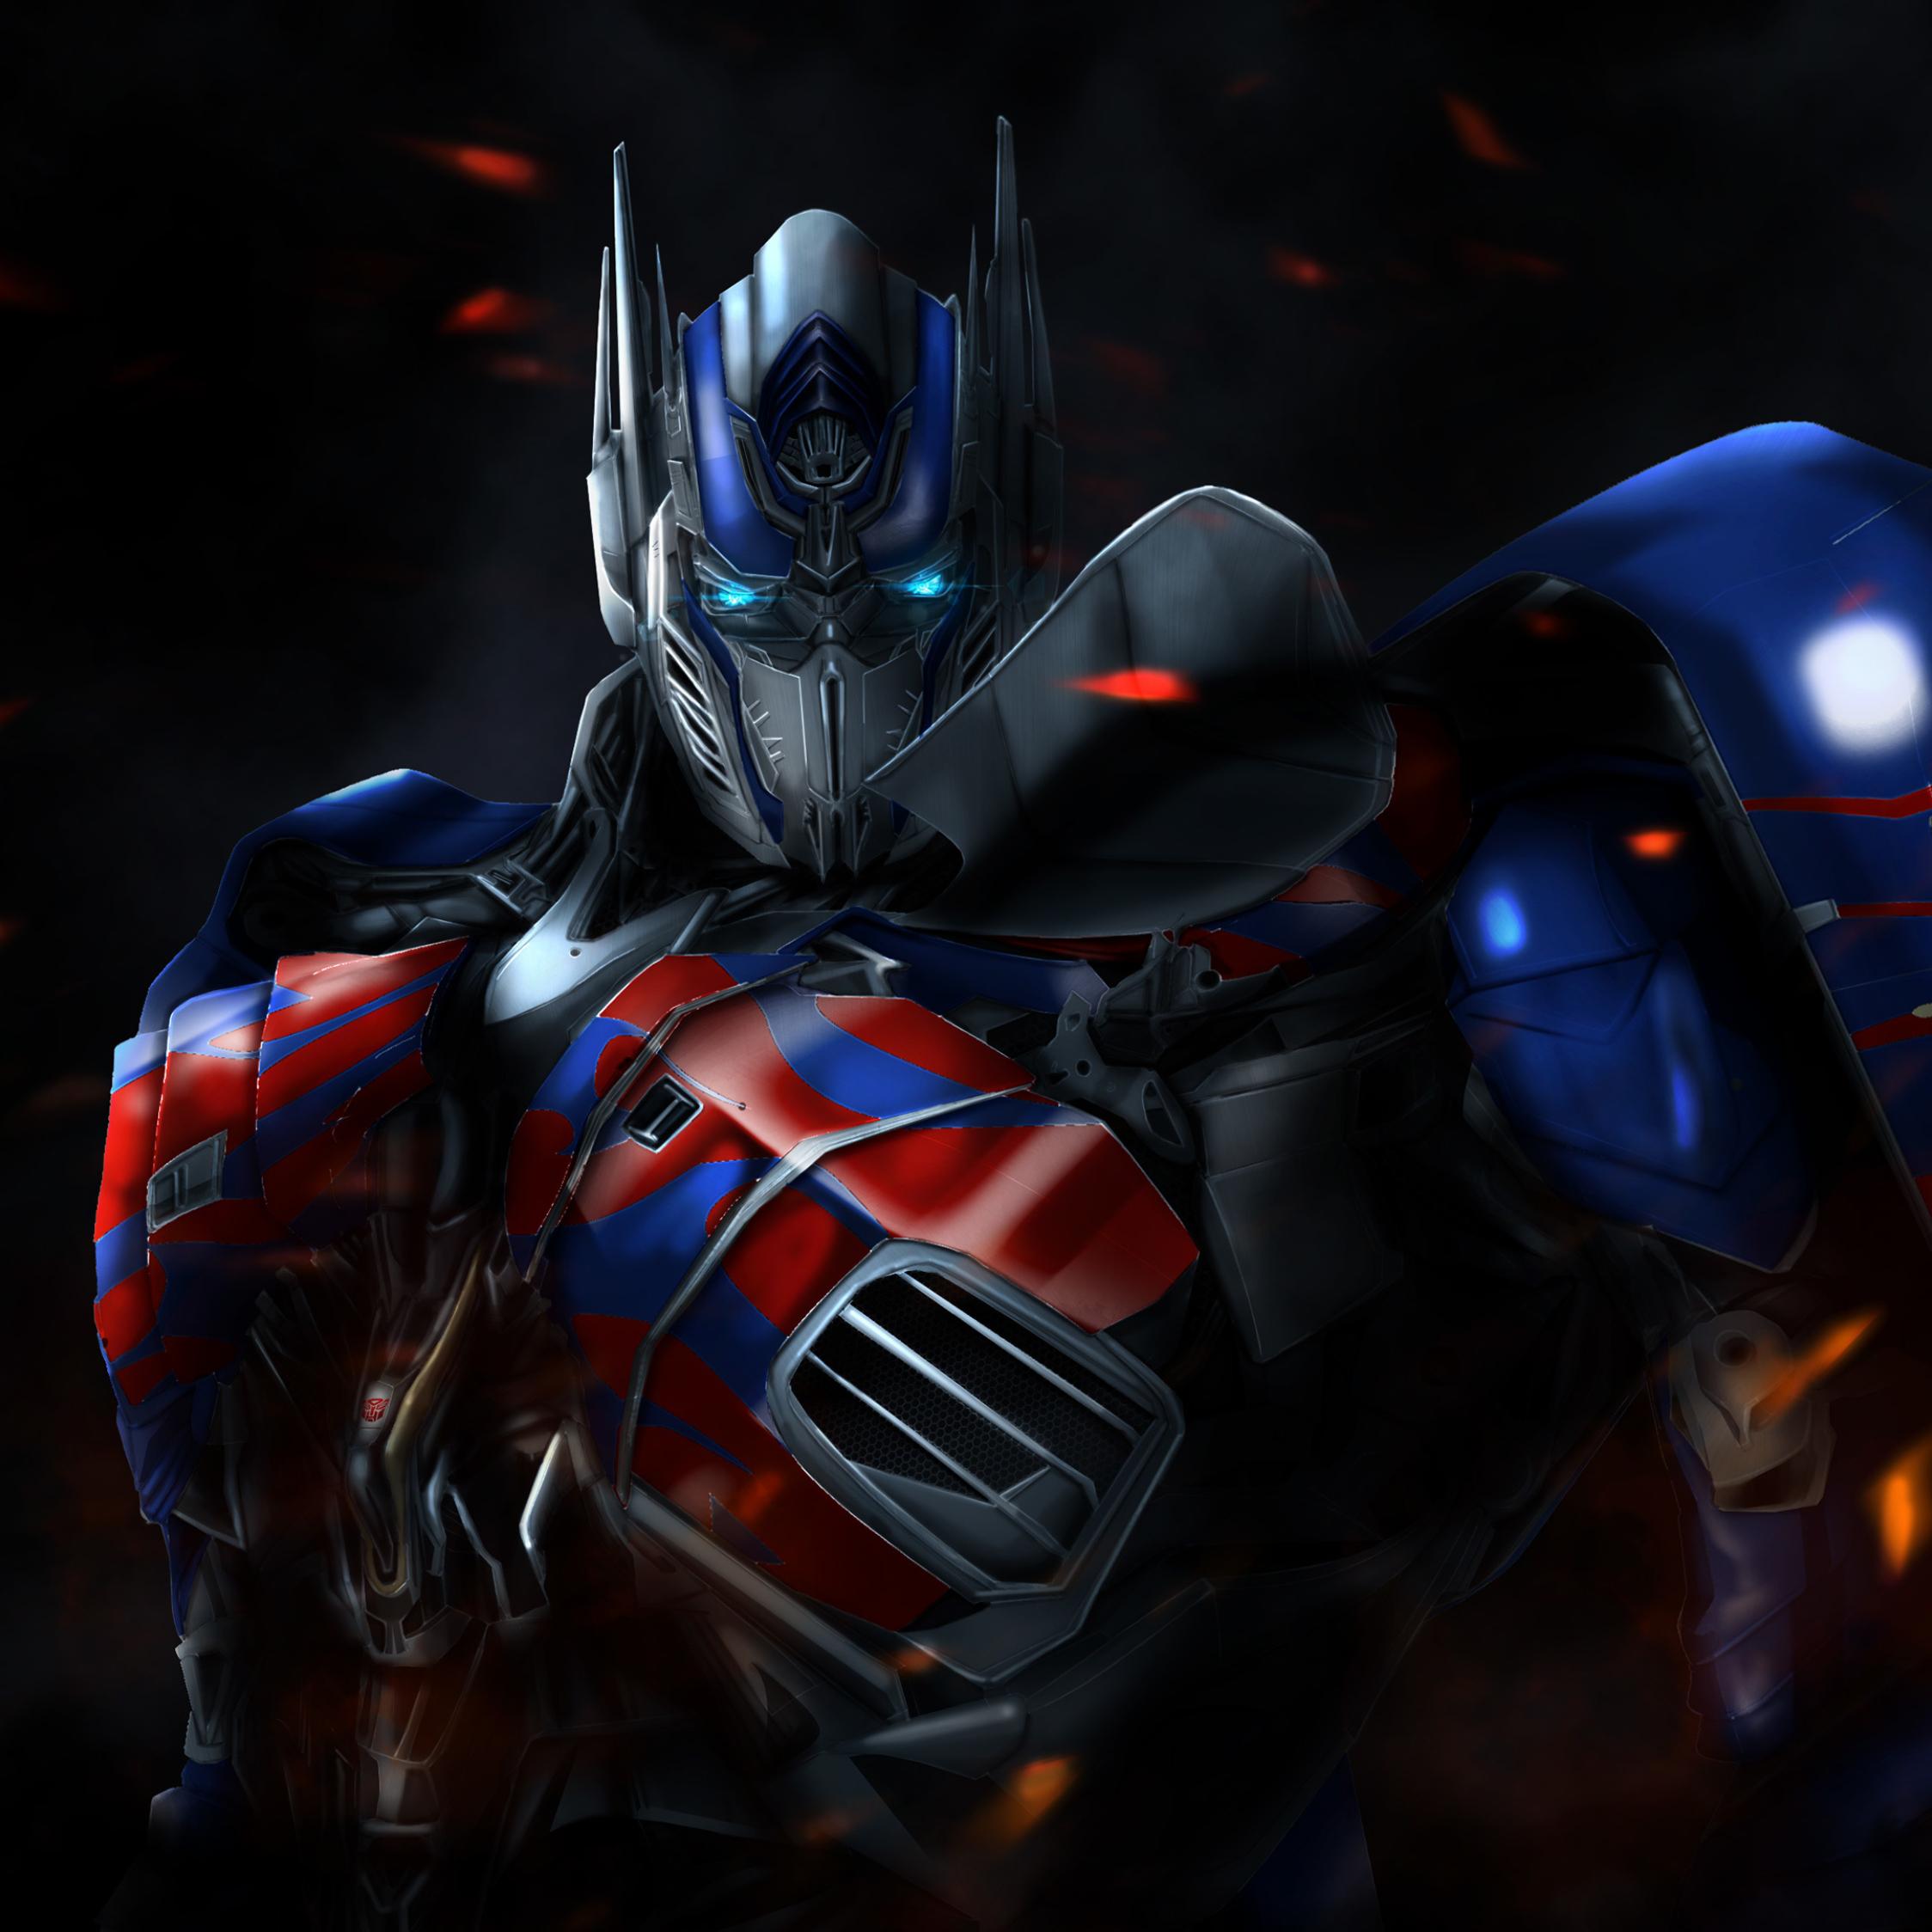 Optimus Prime Wallpaper Hd: Optimus Prime, HD 4K Wallpaper